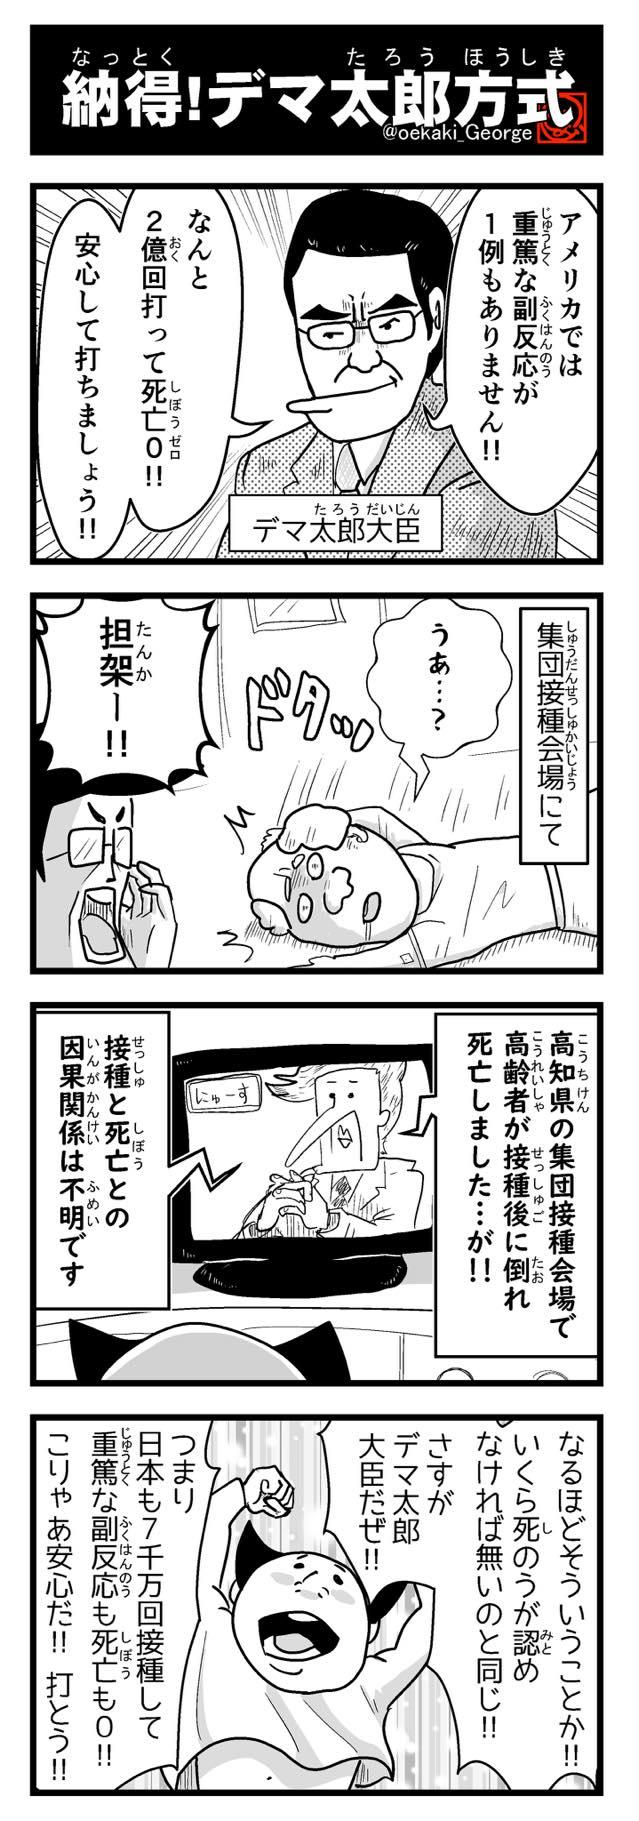 片岡ジョージ